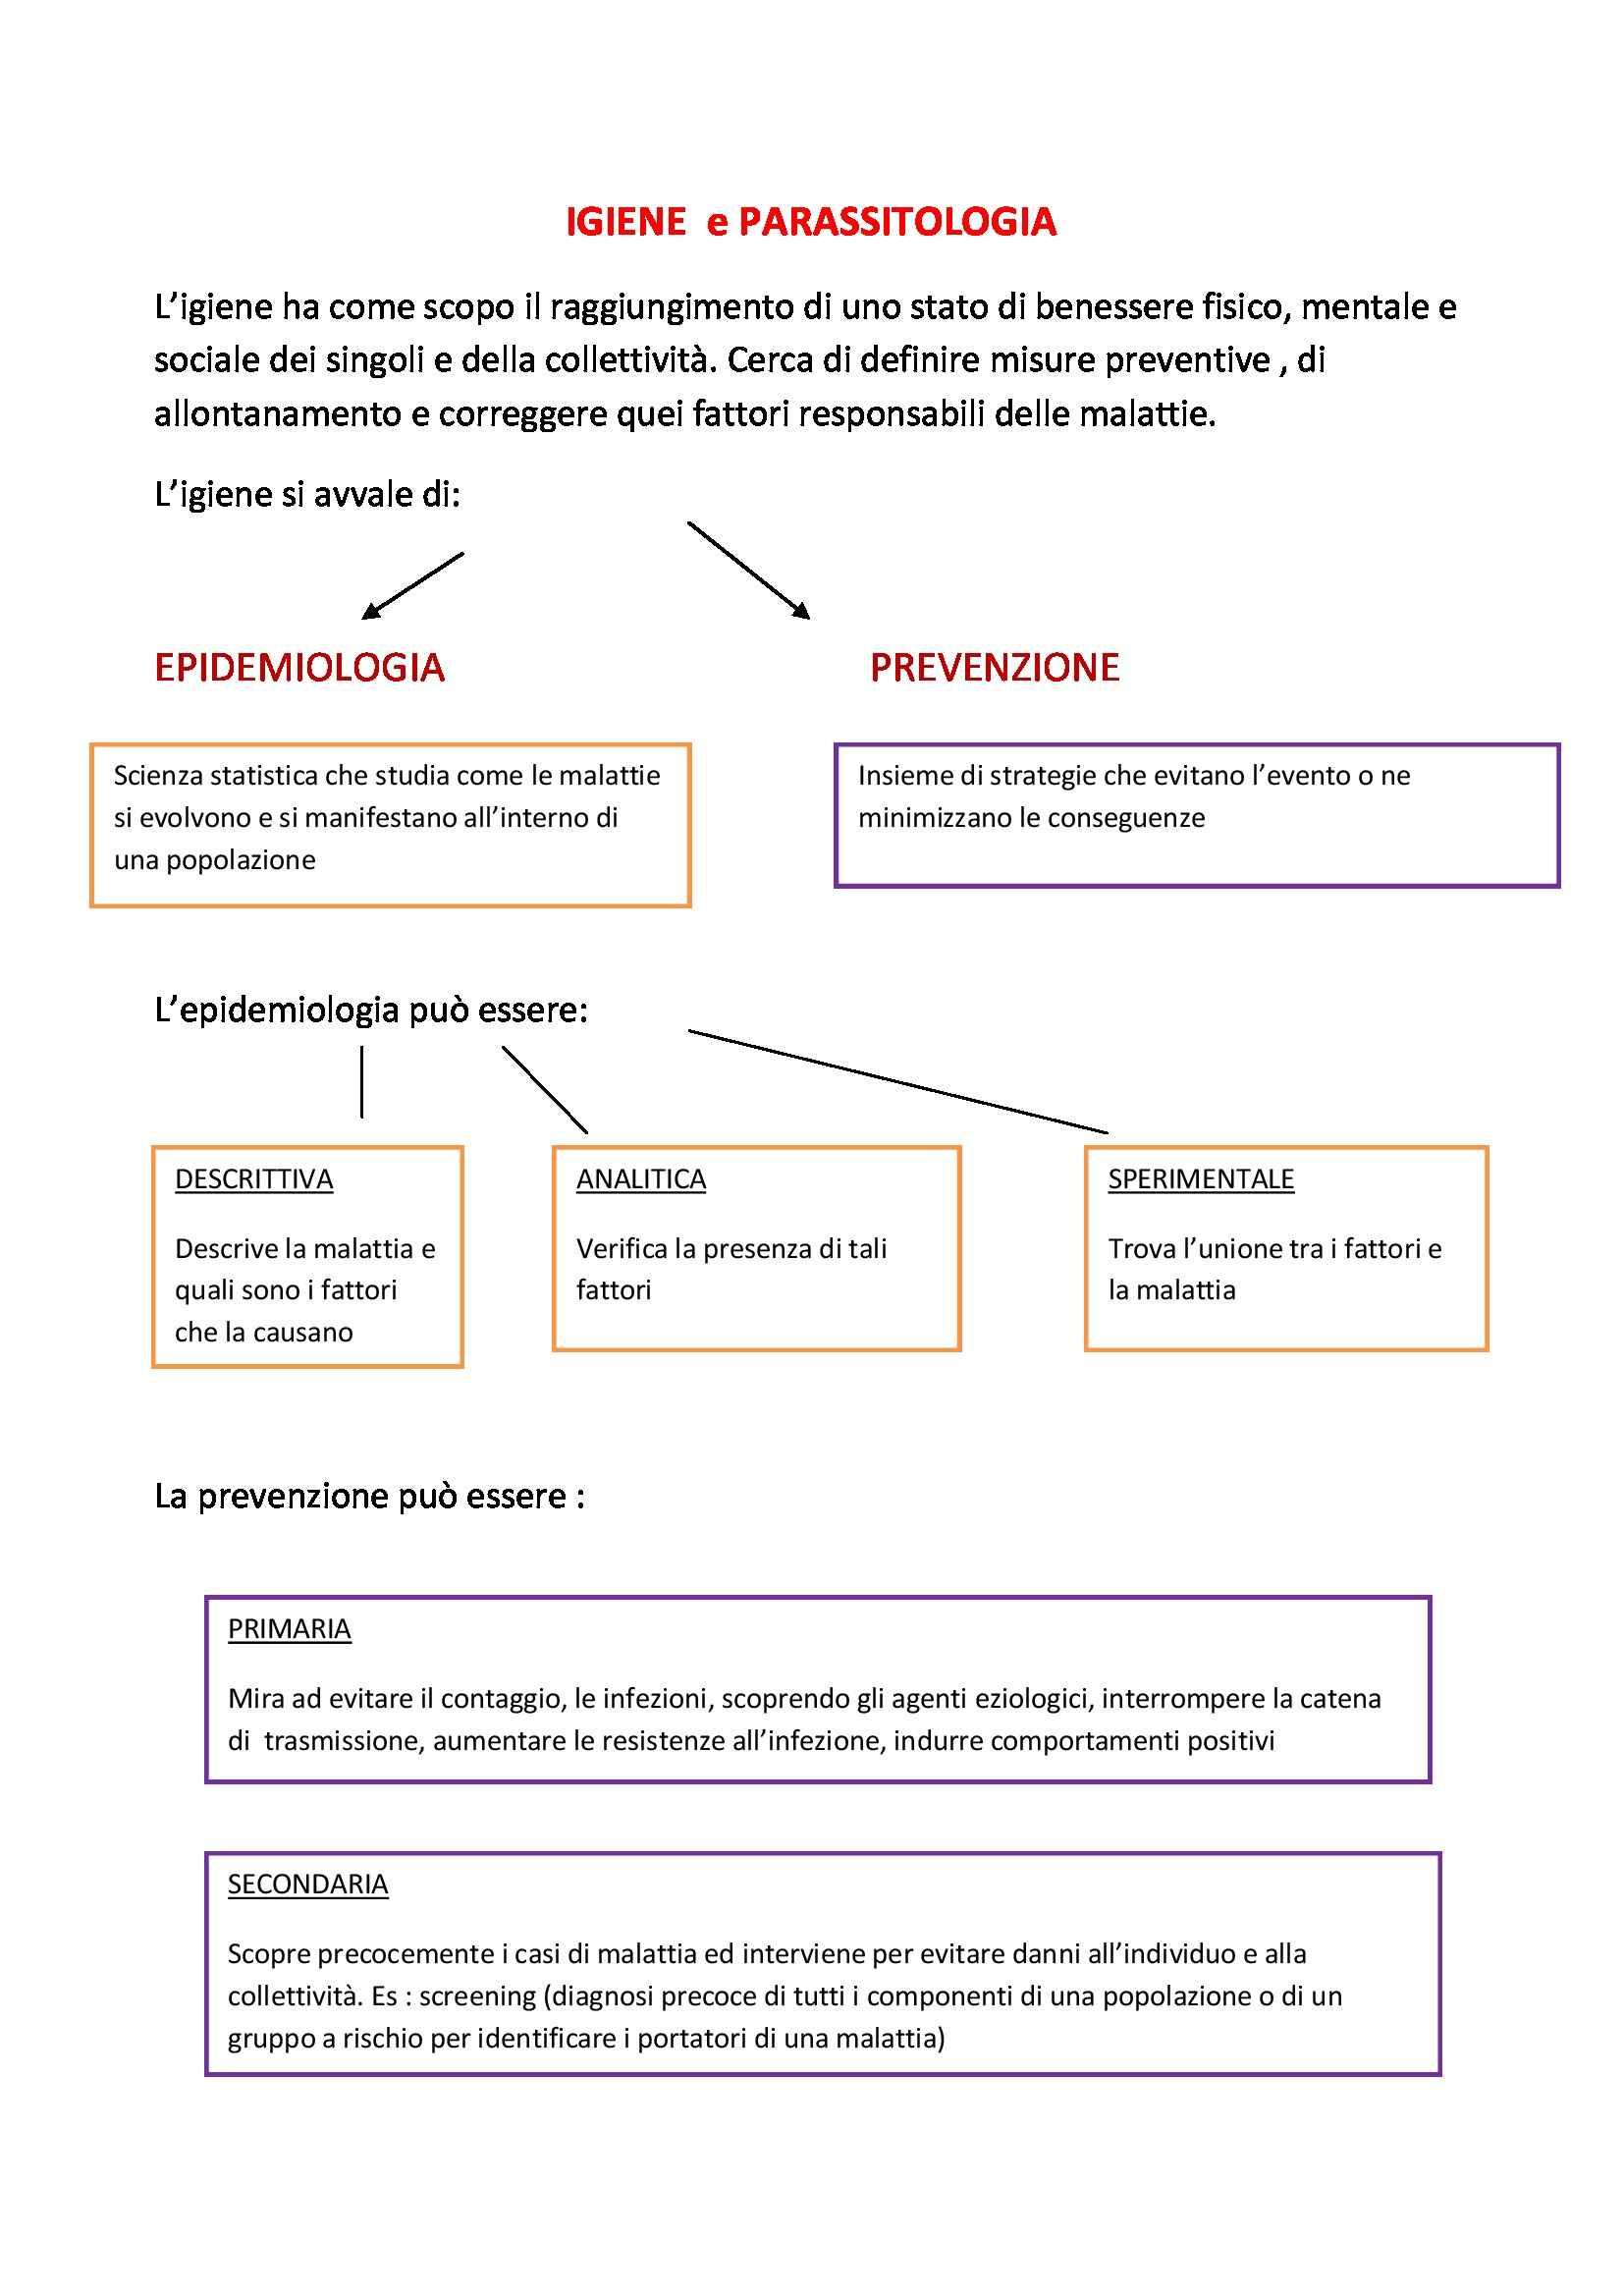 Igiene e parassitologia - Appunti